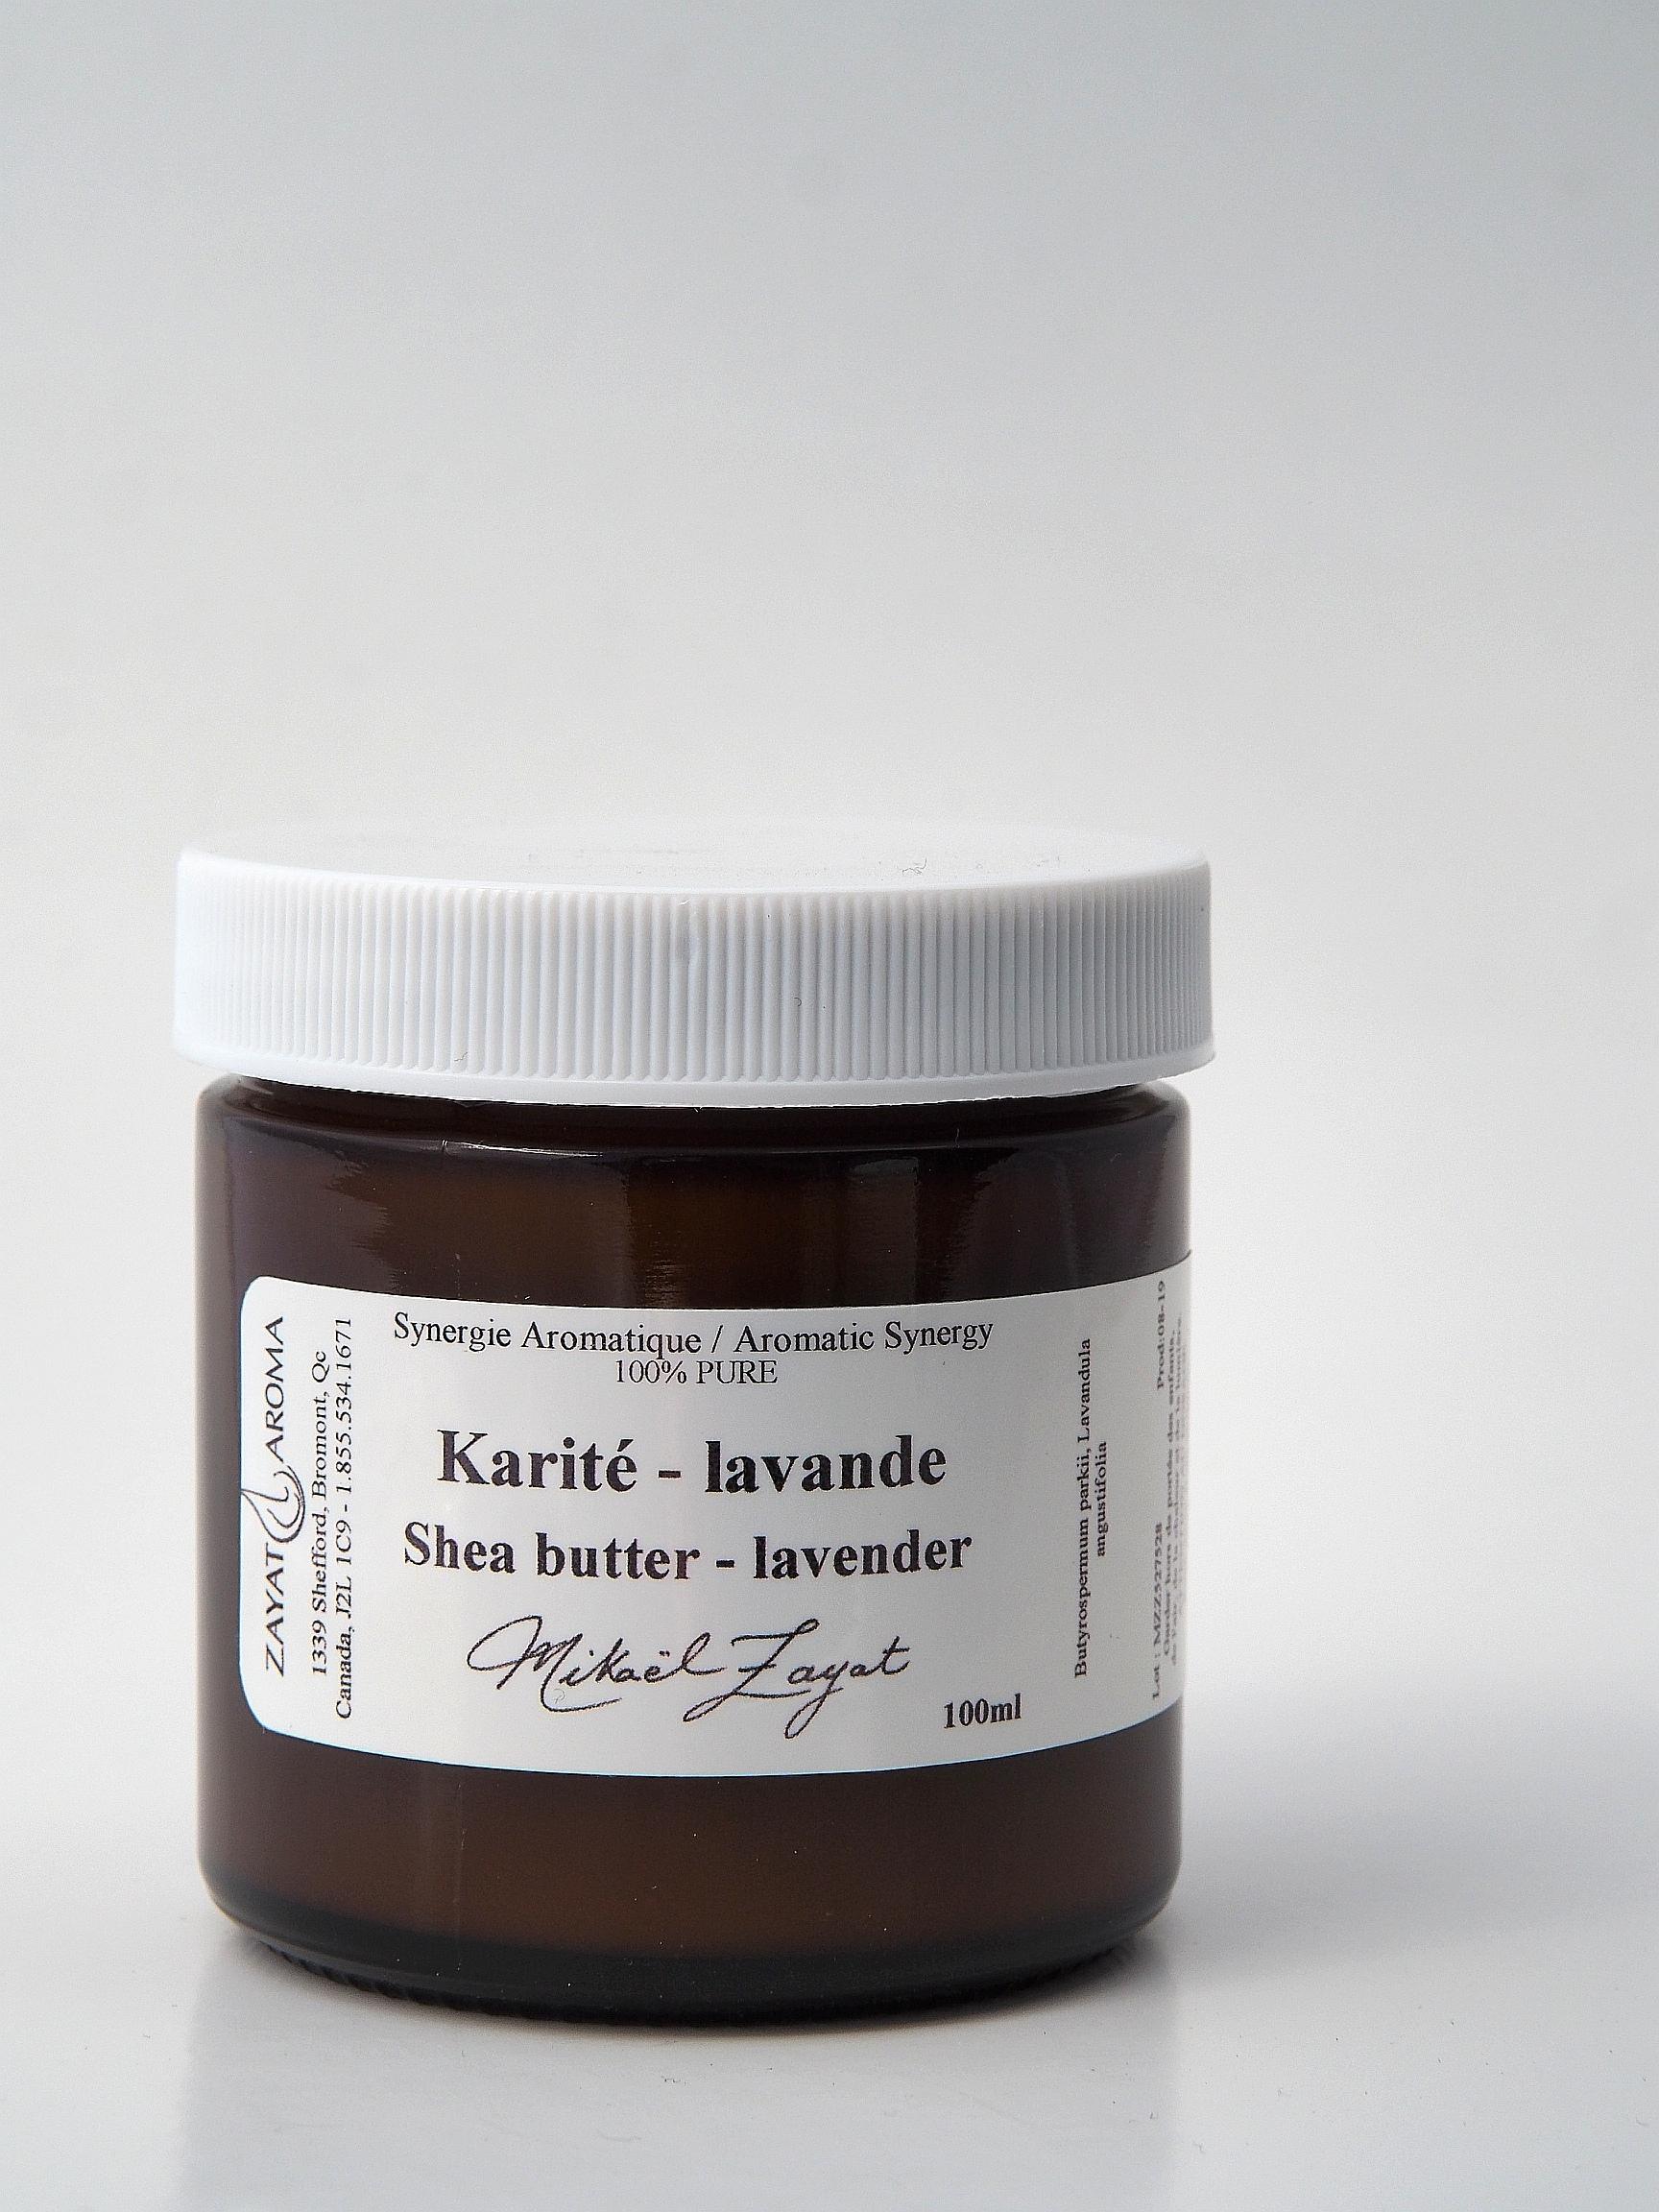 Karité lavande shea butter lavender